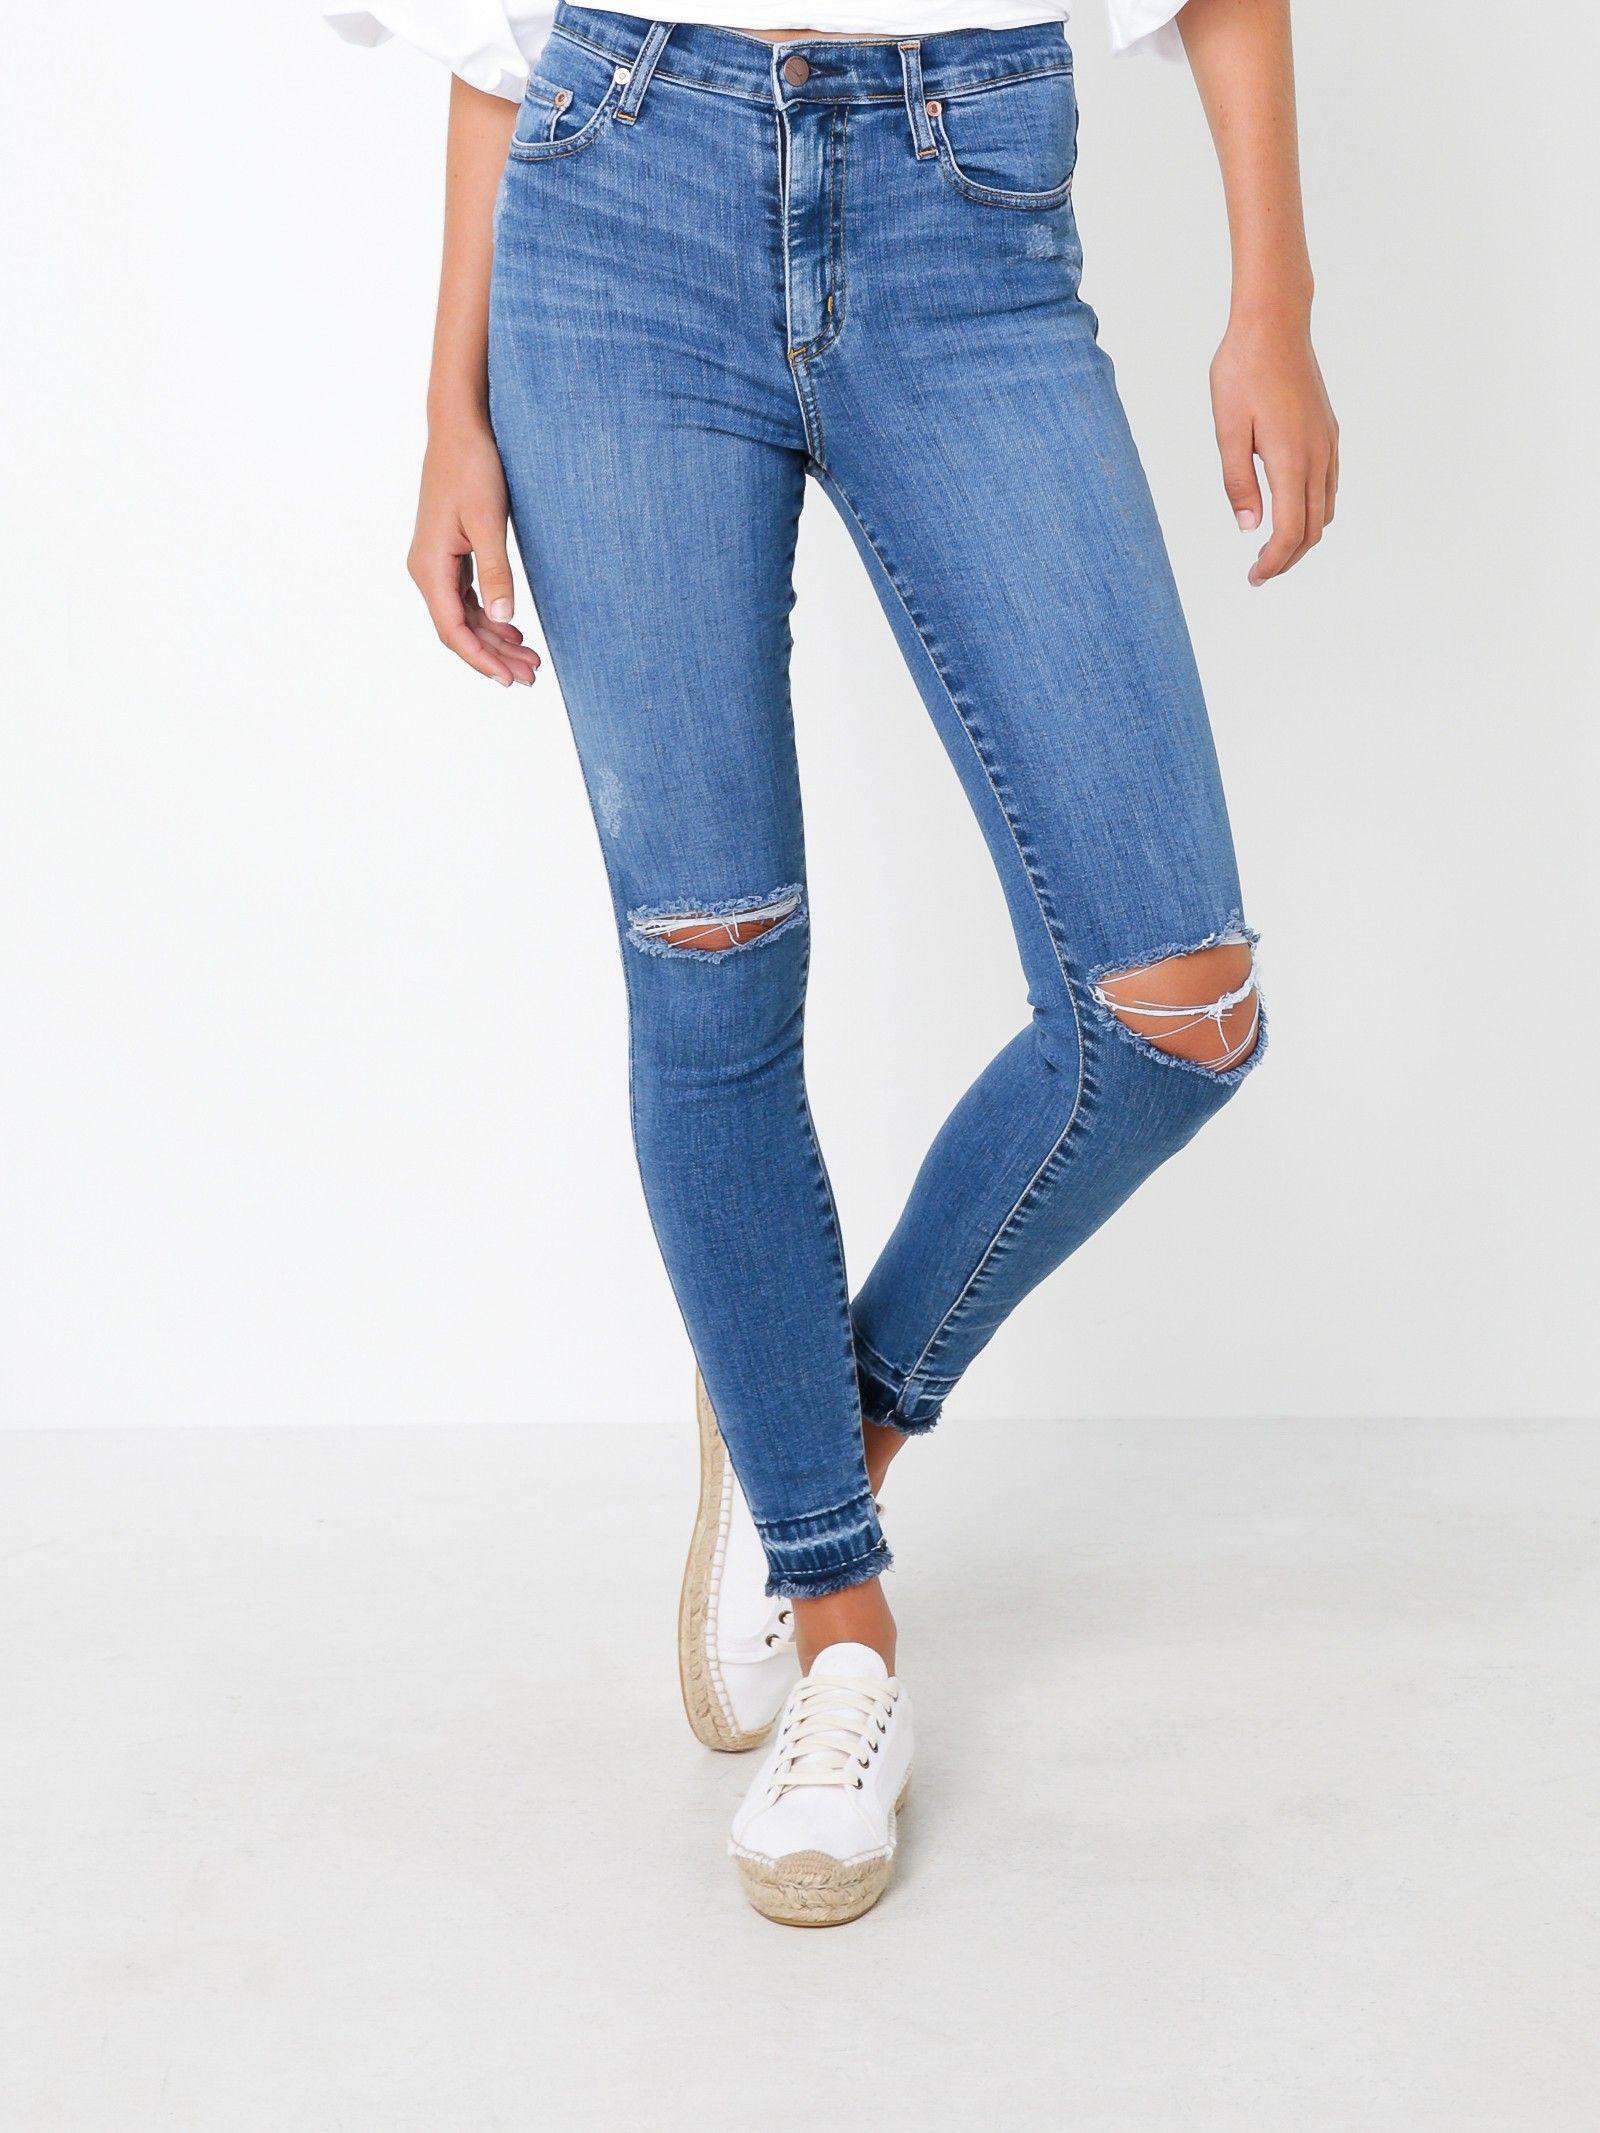 e8e8c66c9 Cult Skinny High-Rise Ankle Jeans in Beloved Blue Denim | Stuff I ...